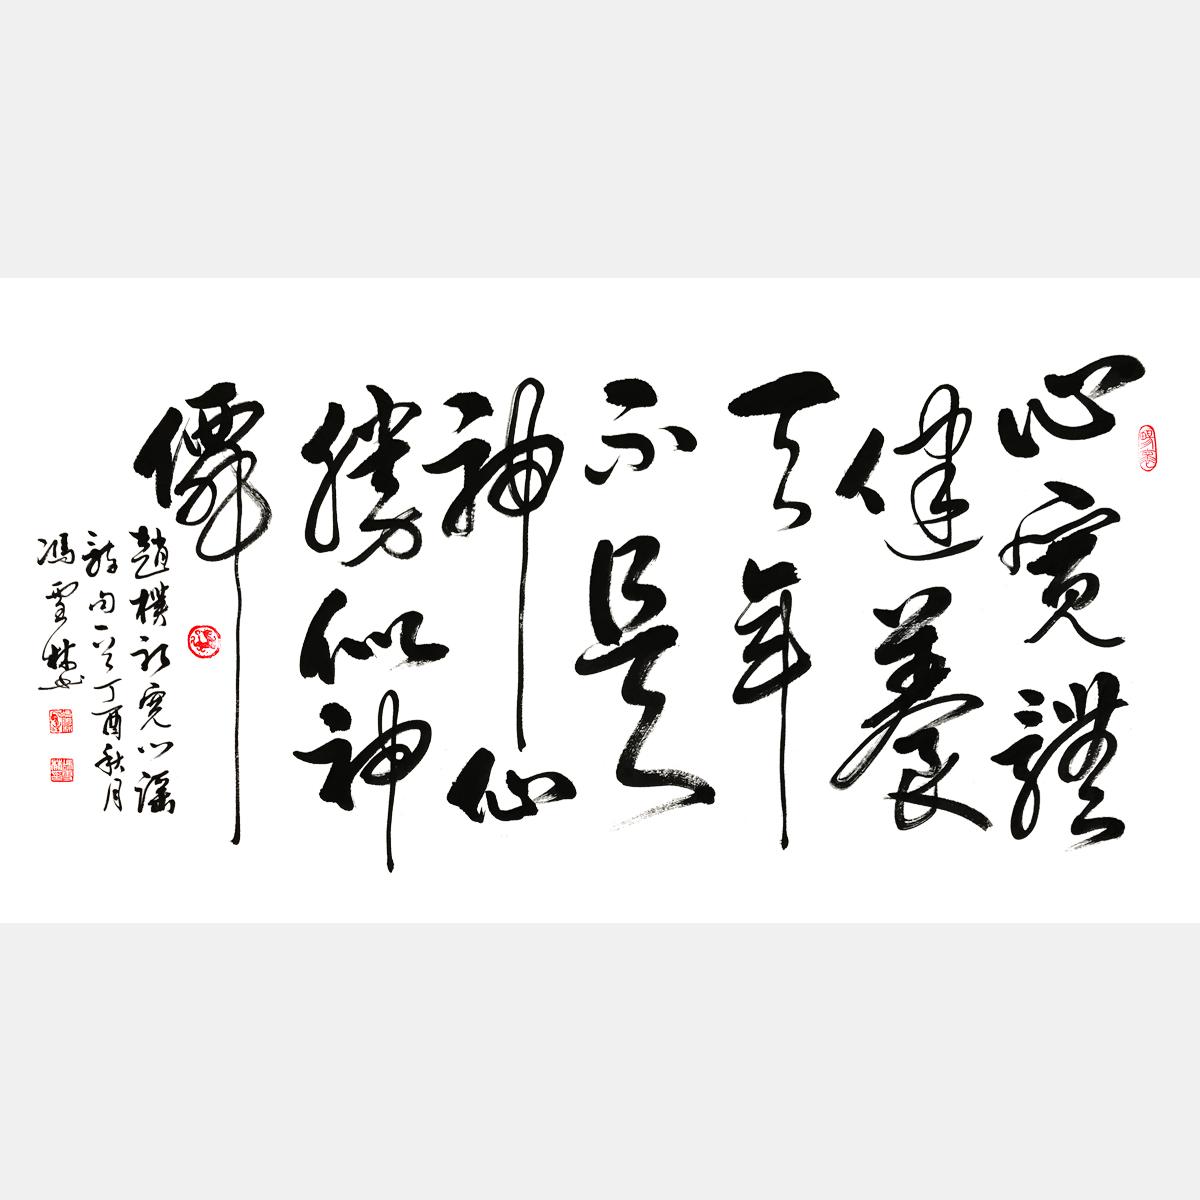 赵朴初《宽心遥》心宽体健养天年,不是神仙胜似神仙。